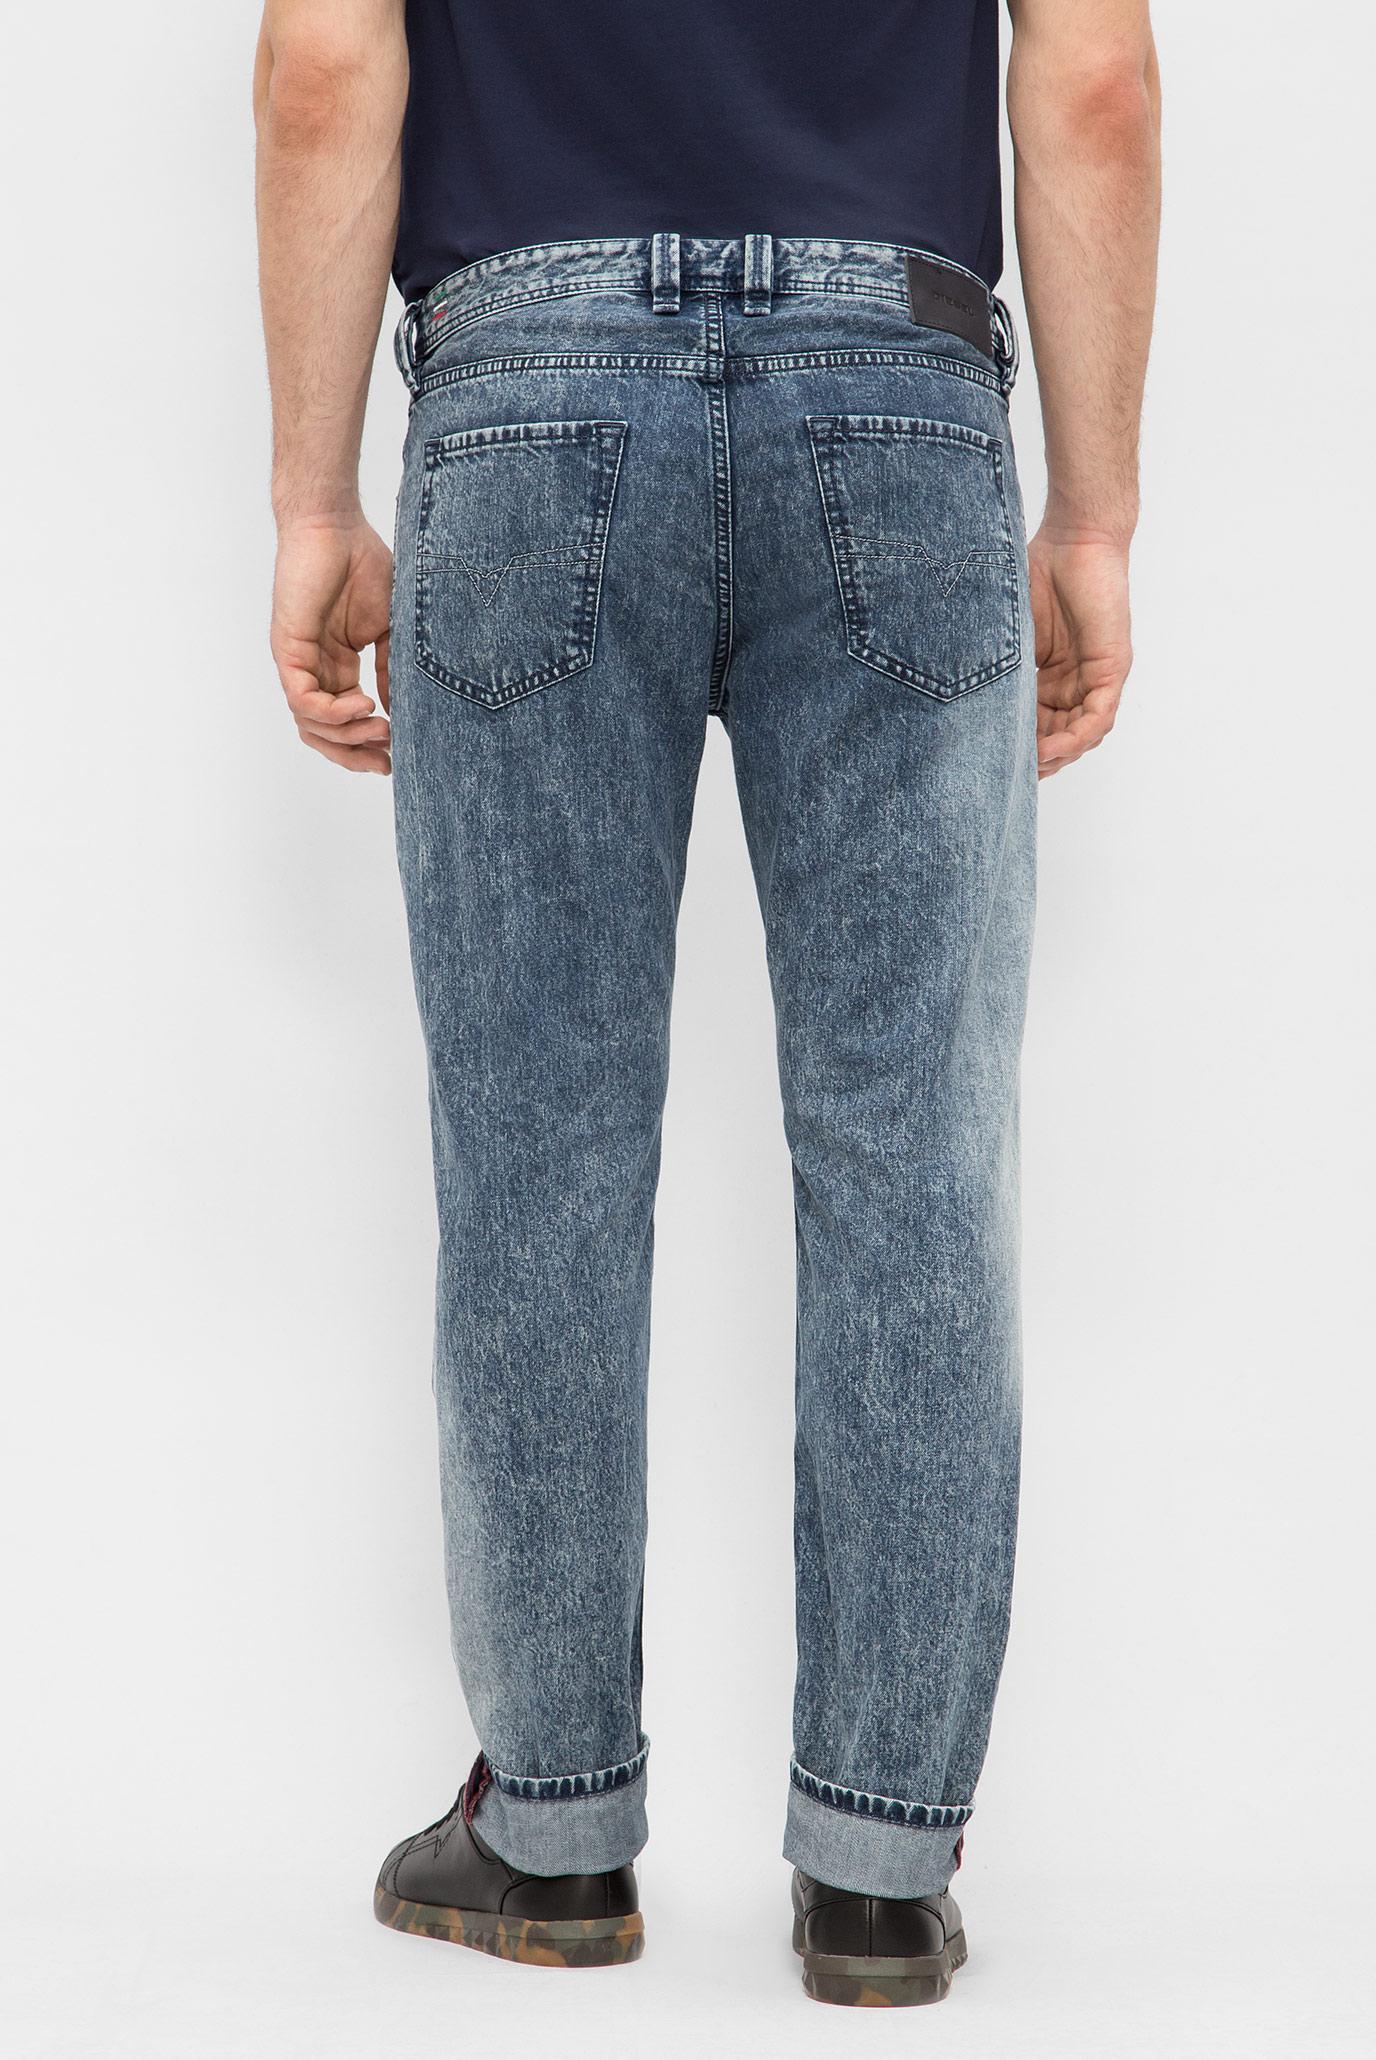 Купить Мужские синие джинсы LARKEE-BEEX SP Diesel Diesel 00SAL9 084MH – Киев, Украина. Цены в интернет магазине MD Fashion